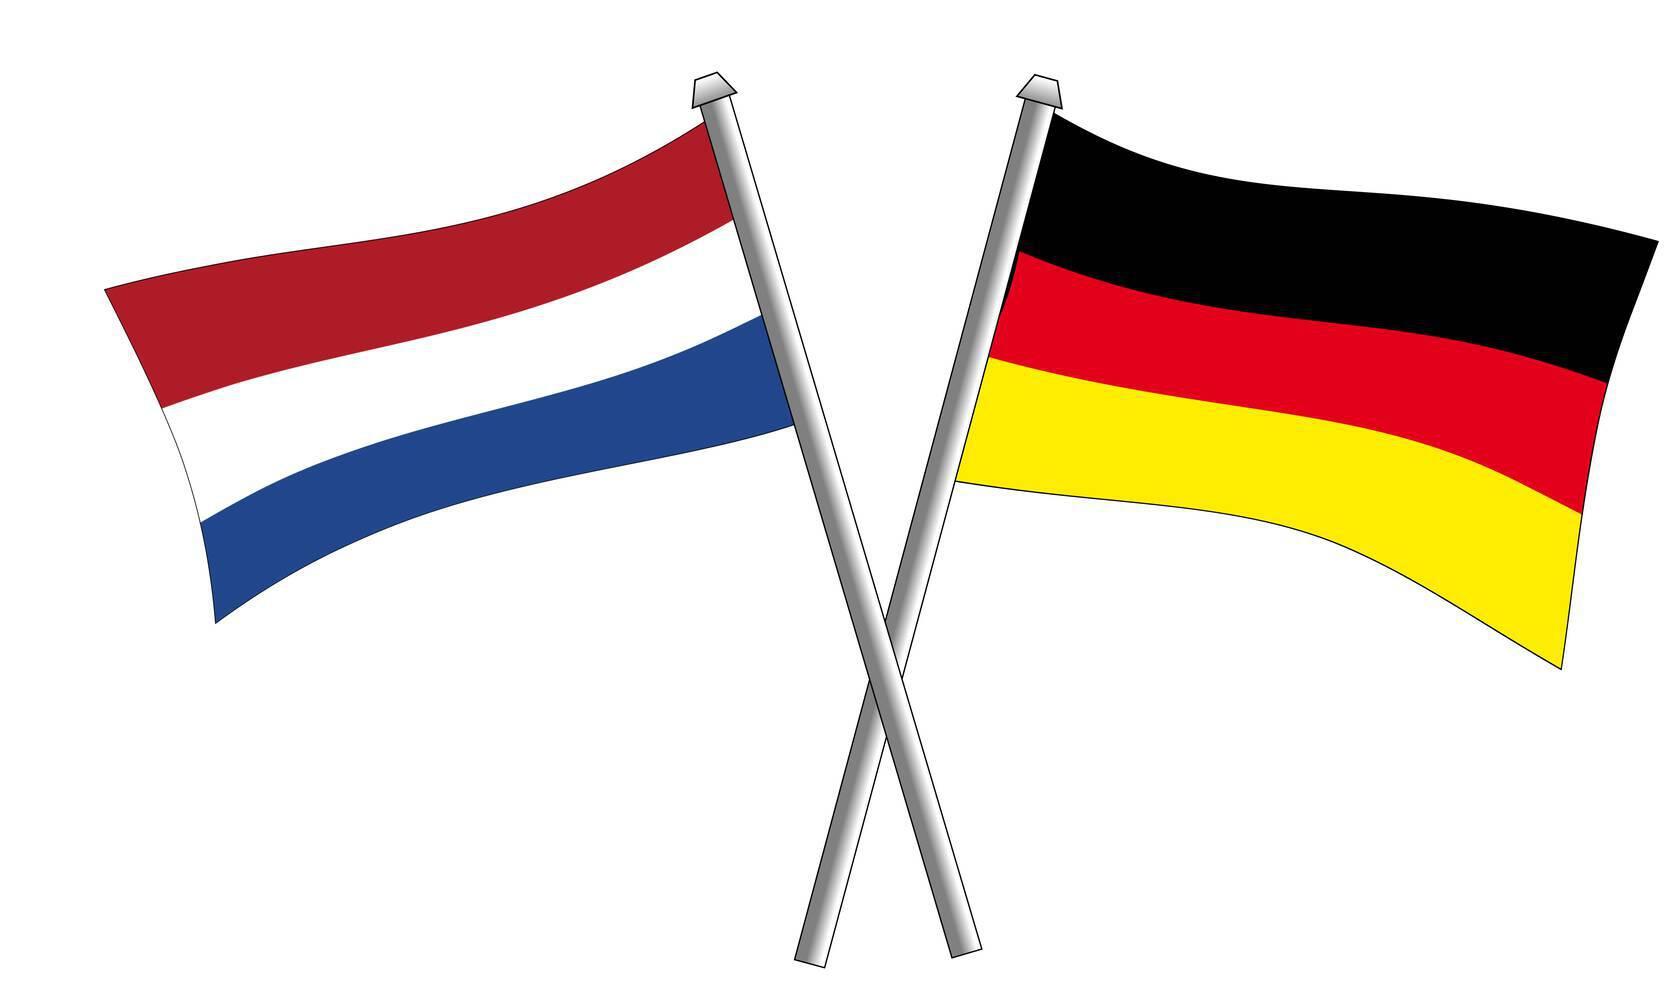 common care; grensoverschrijdende zorg; grensoverschrijdend; zorgbelang drenthe; zorgbelang groningen; zorg; over de grenzen heen; buitenland; duitsland; nederland; drenthe; groningen